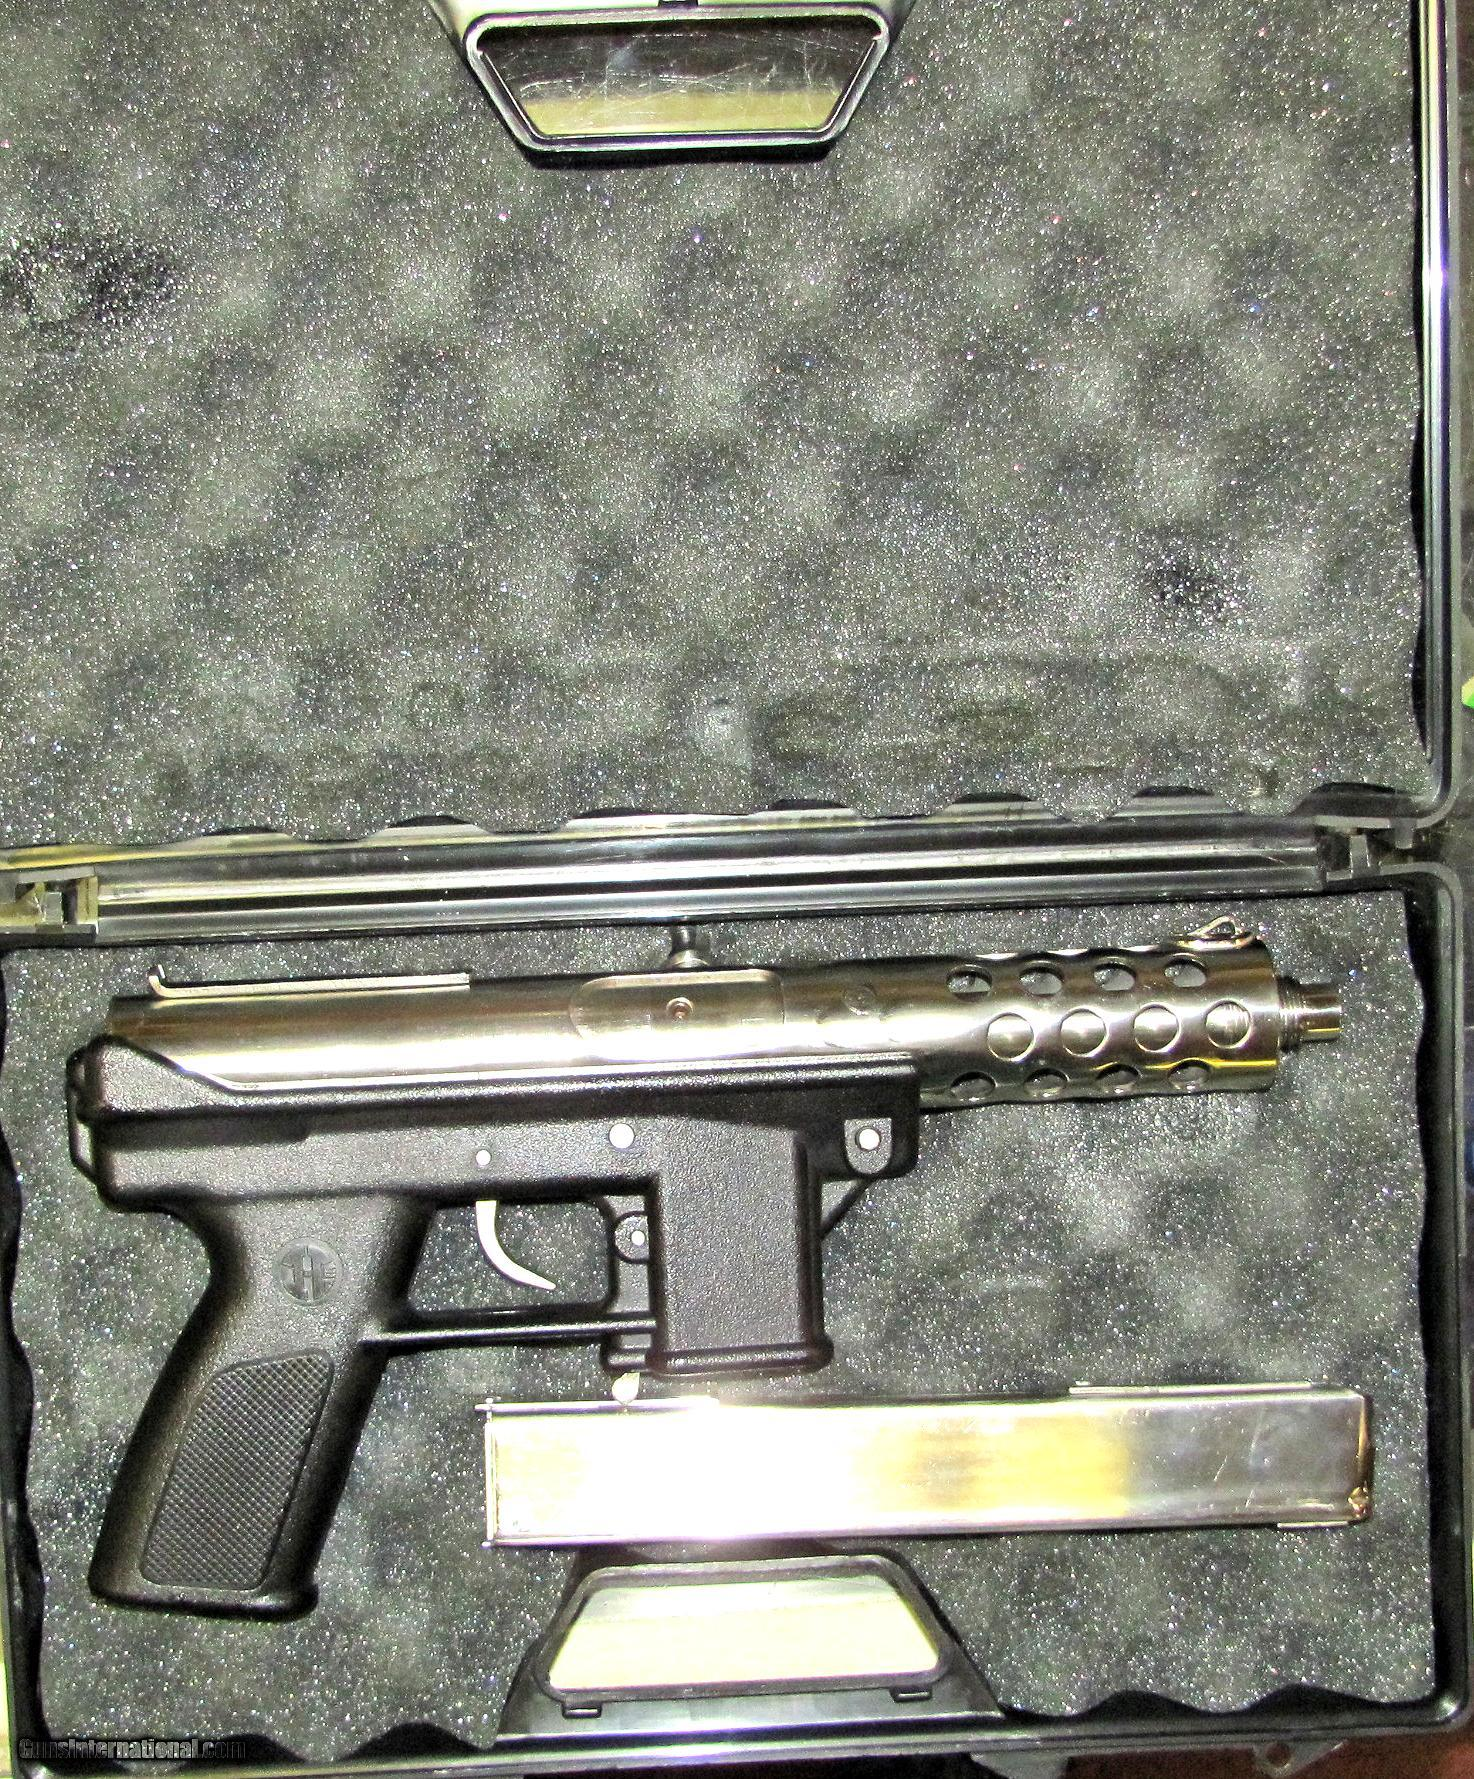 INTRATEC TEC-9-SP